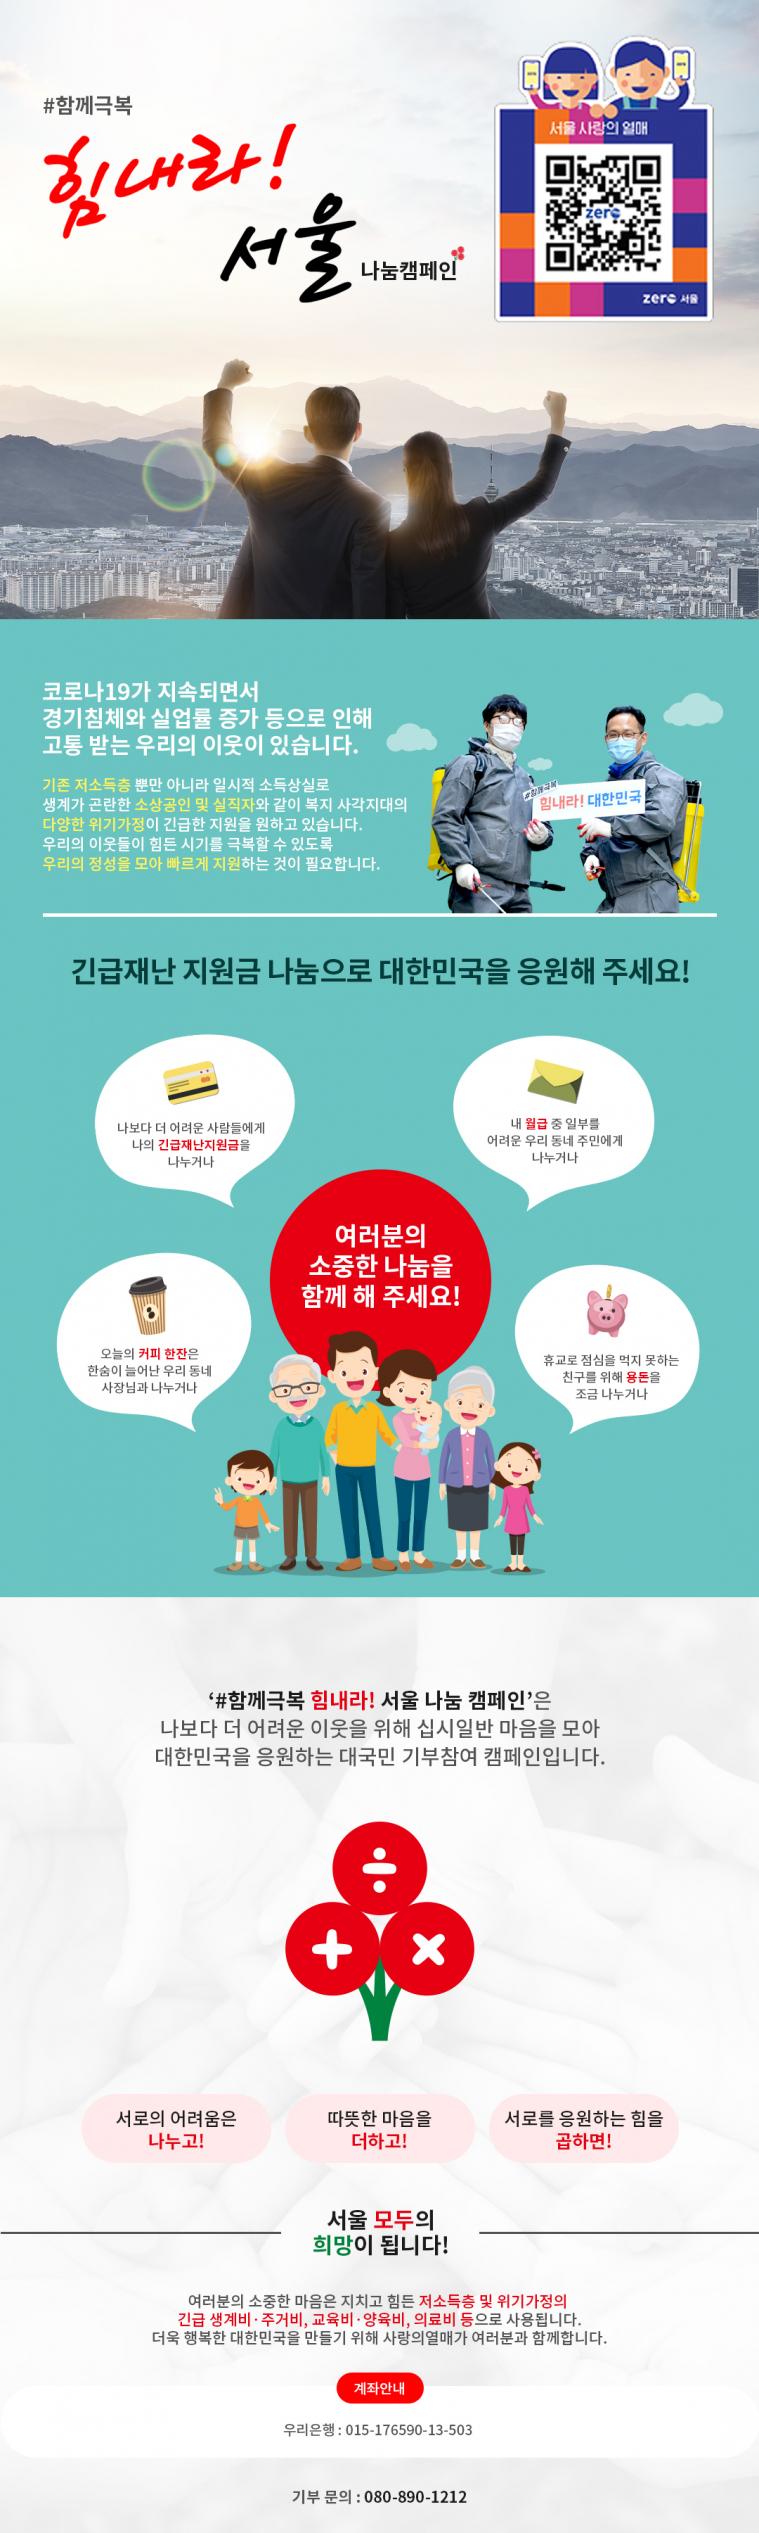 [서울사랑의열매] 힘내라 서울나눔캠페인 이미지.jpg